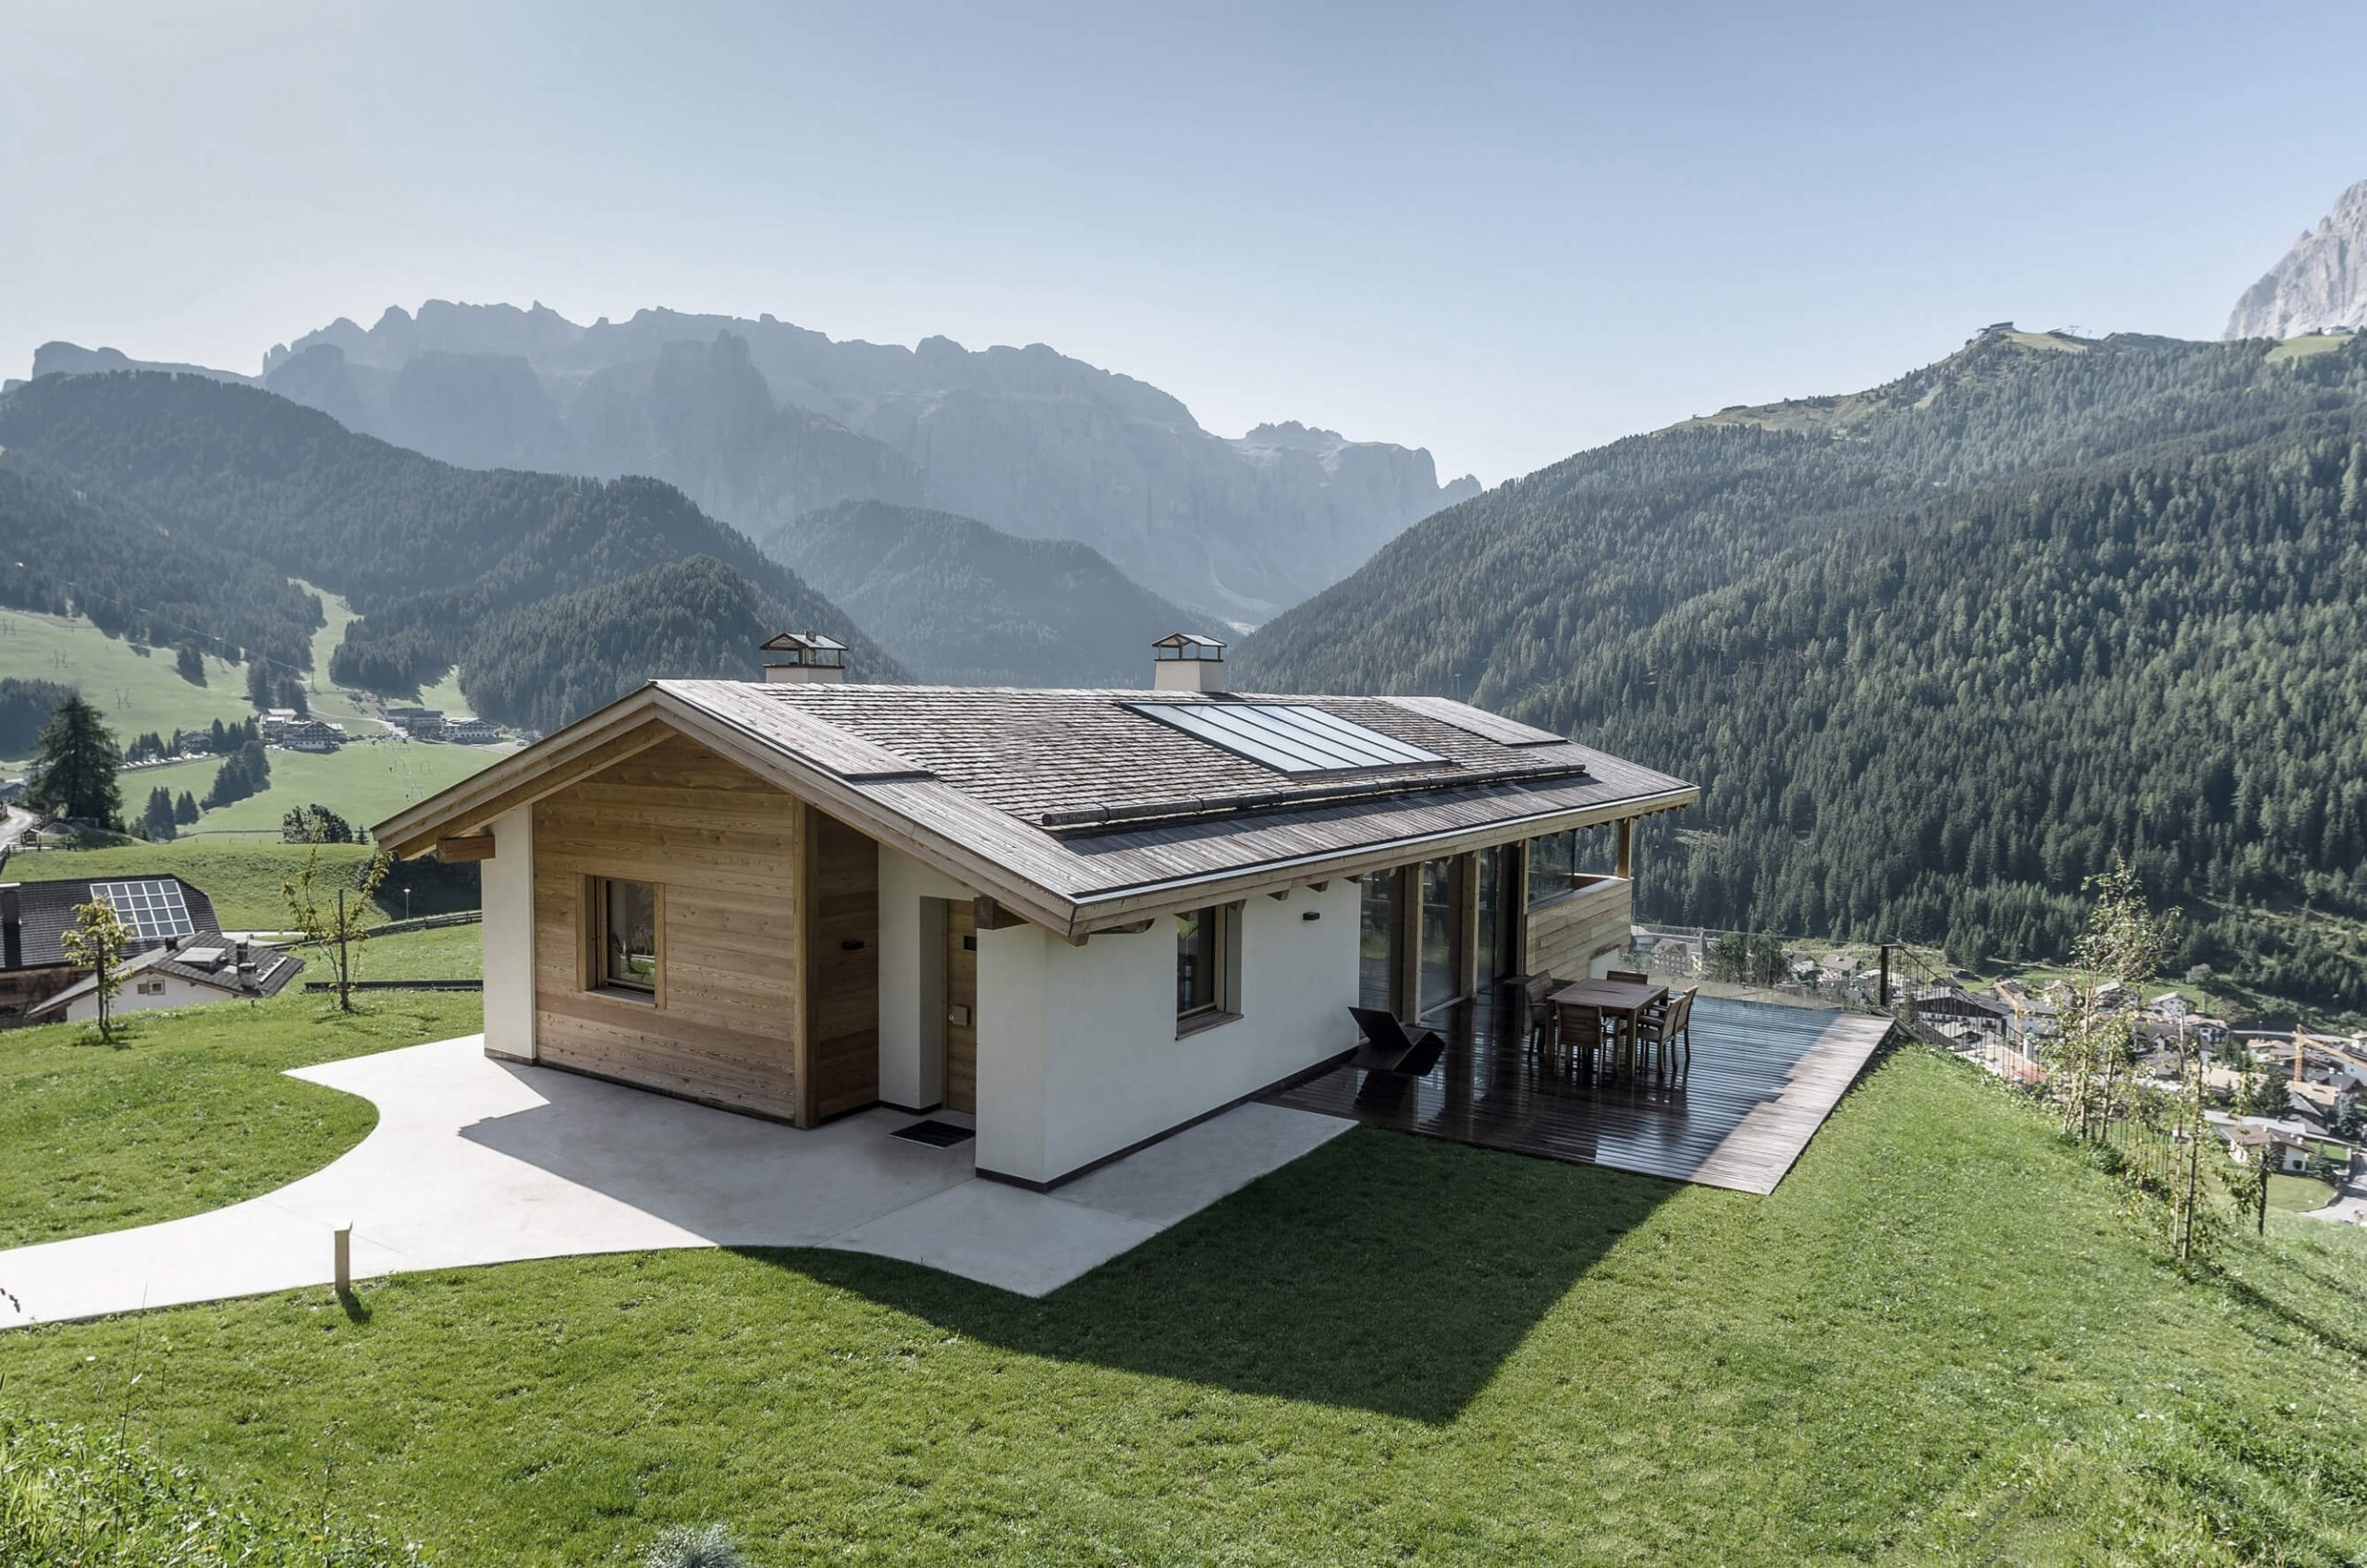 Rodinný dům na jedinečné adrese, s výhledem na hory. Výjimečná stavba na výjimečném místě, plná voňavého dřeva a stvořena pro dokonalé pohodlí. Milovníci přírody, masivního dřeva a zároveň obdivovatelé moderní, ale praktické architektury, si zde určitě přijdou na své.